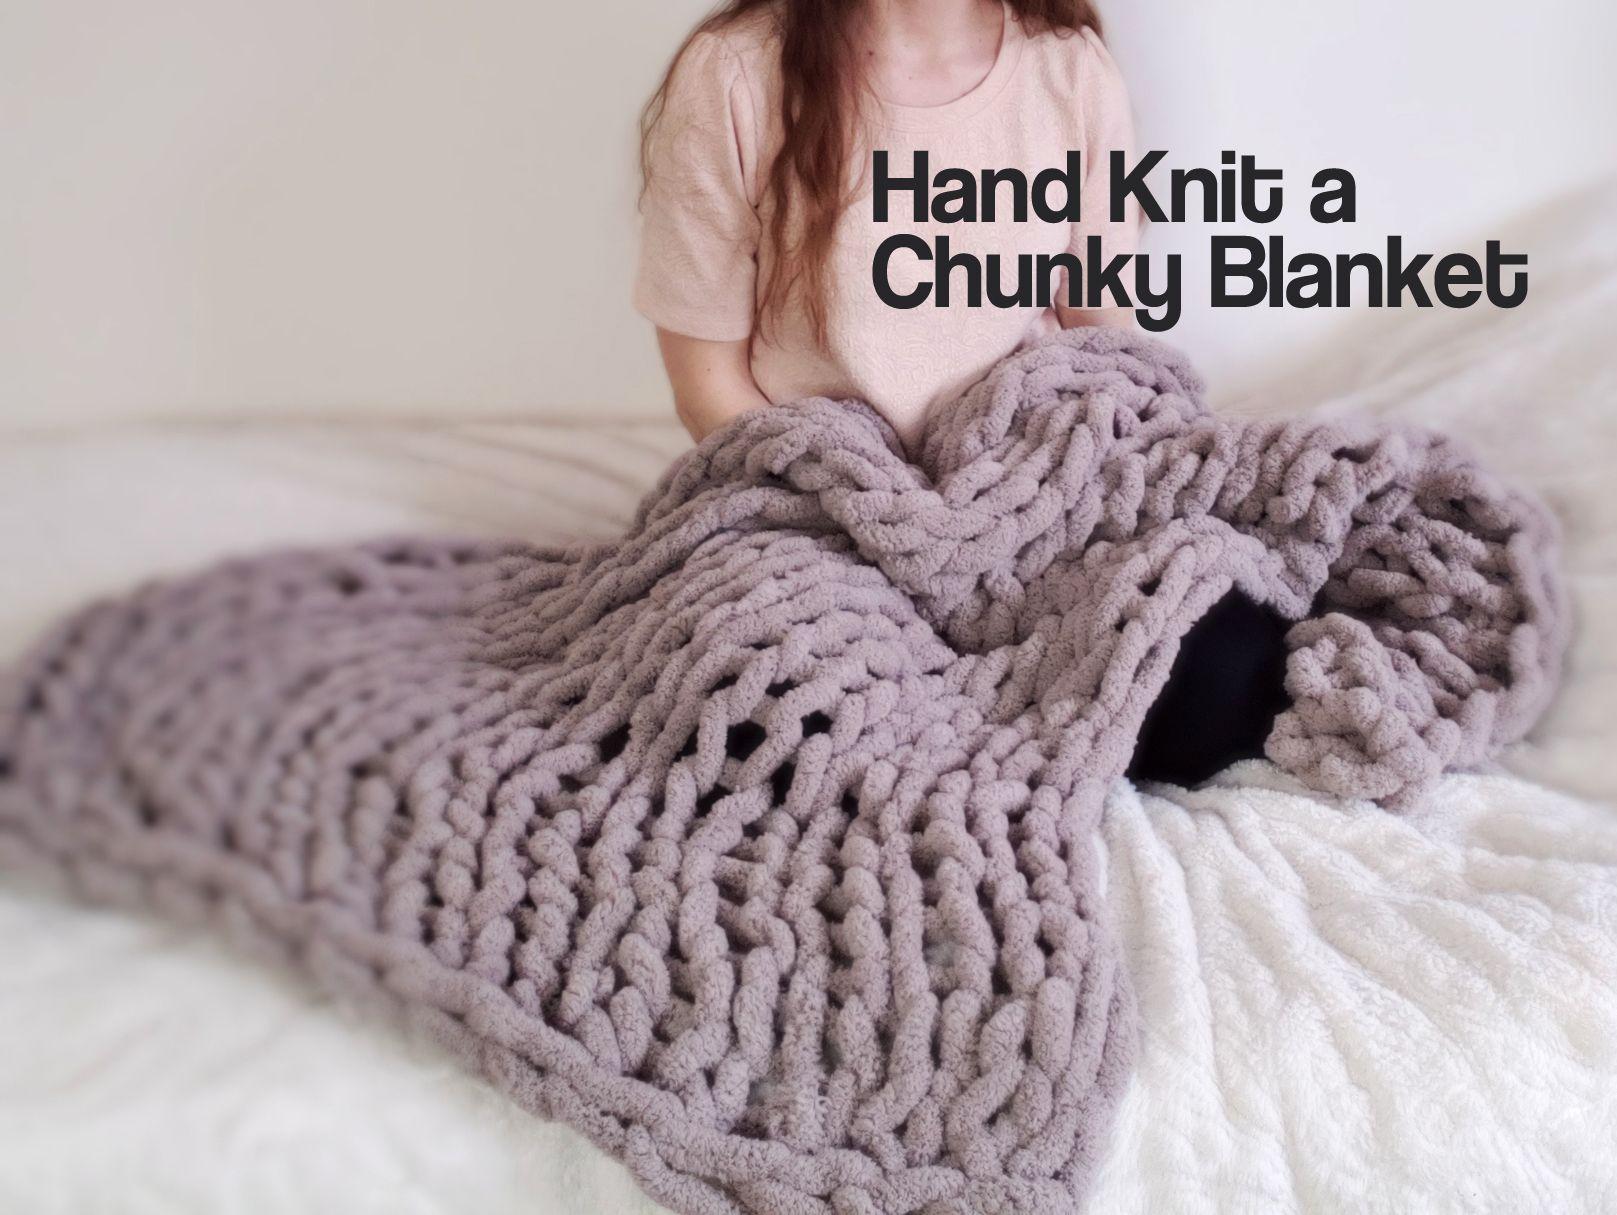 Easy Hand Knit Blanket 1 Hr Only 18 Hand Knit Blanket Arm Knitting Blanket Chunky Crochet Blanket